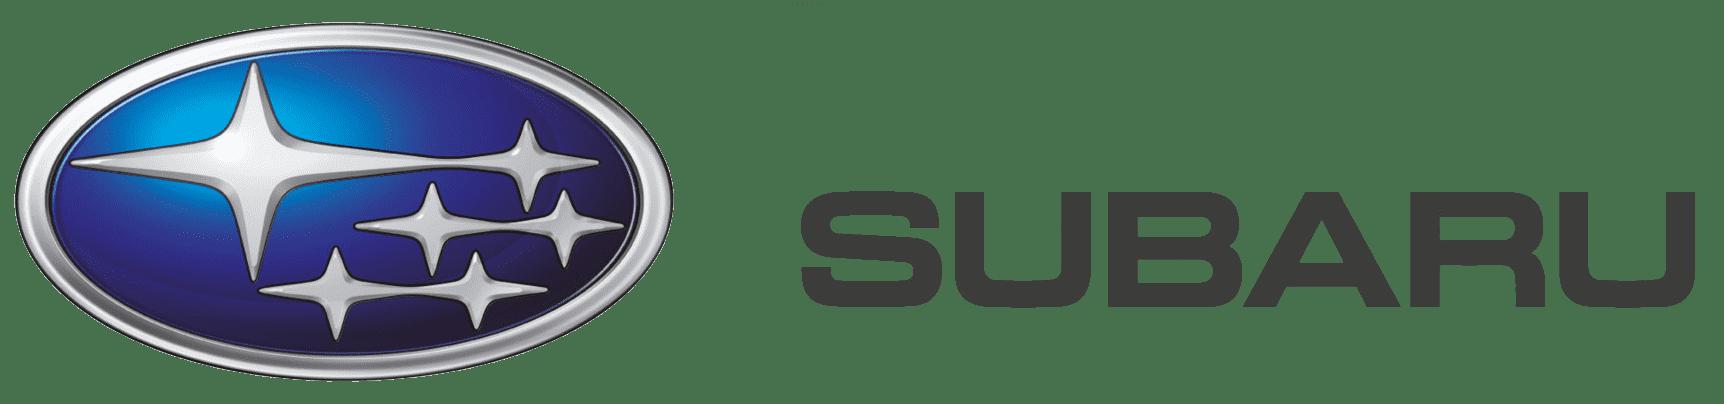 Subaru AutoReparaciones Salamanca